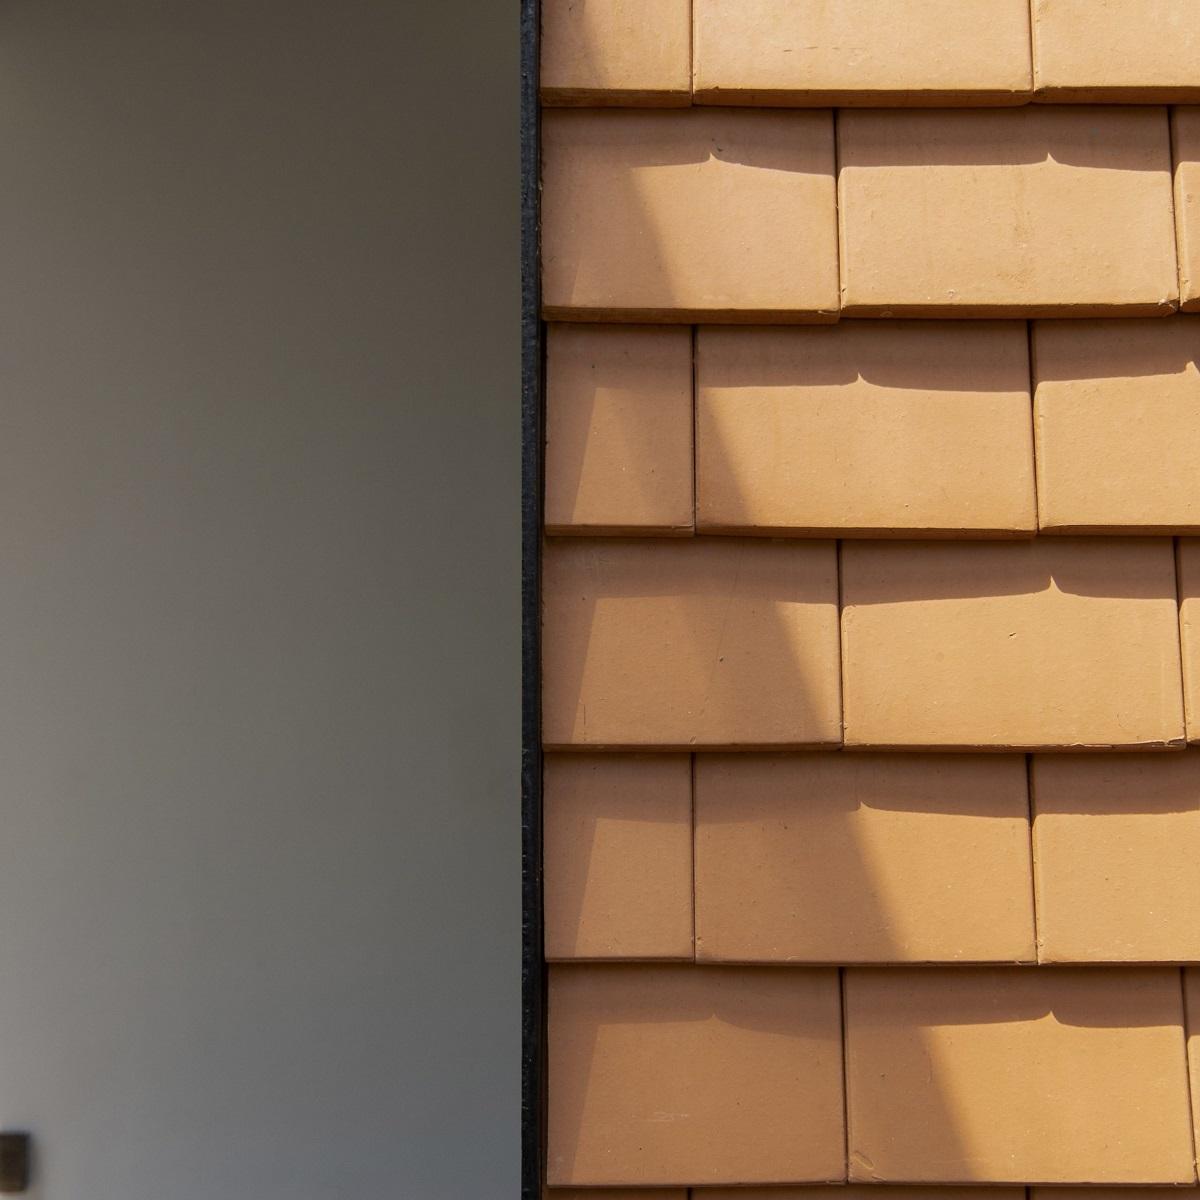 kienviet xuan anh house tan huong khong gian yen binh garchitects 24 - Nhà Xuân Anh - Tìm về chốn yên bình